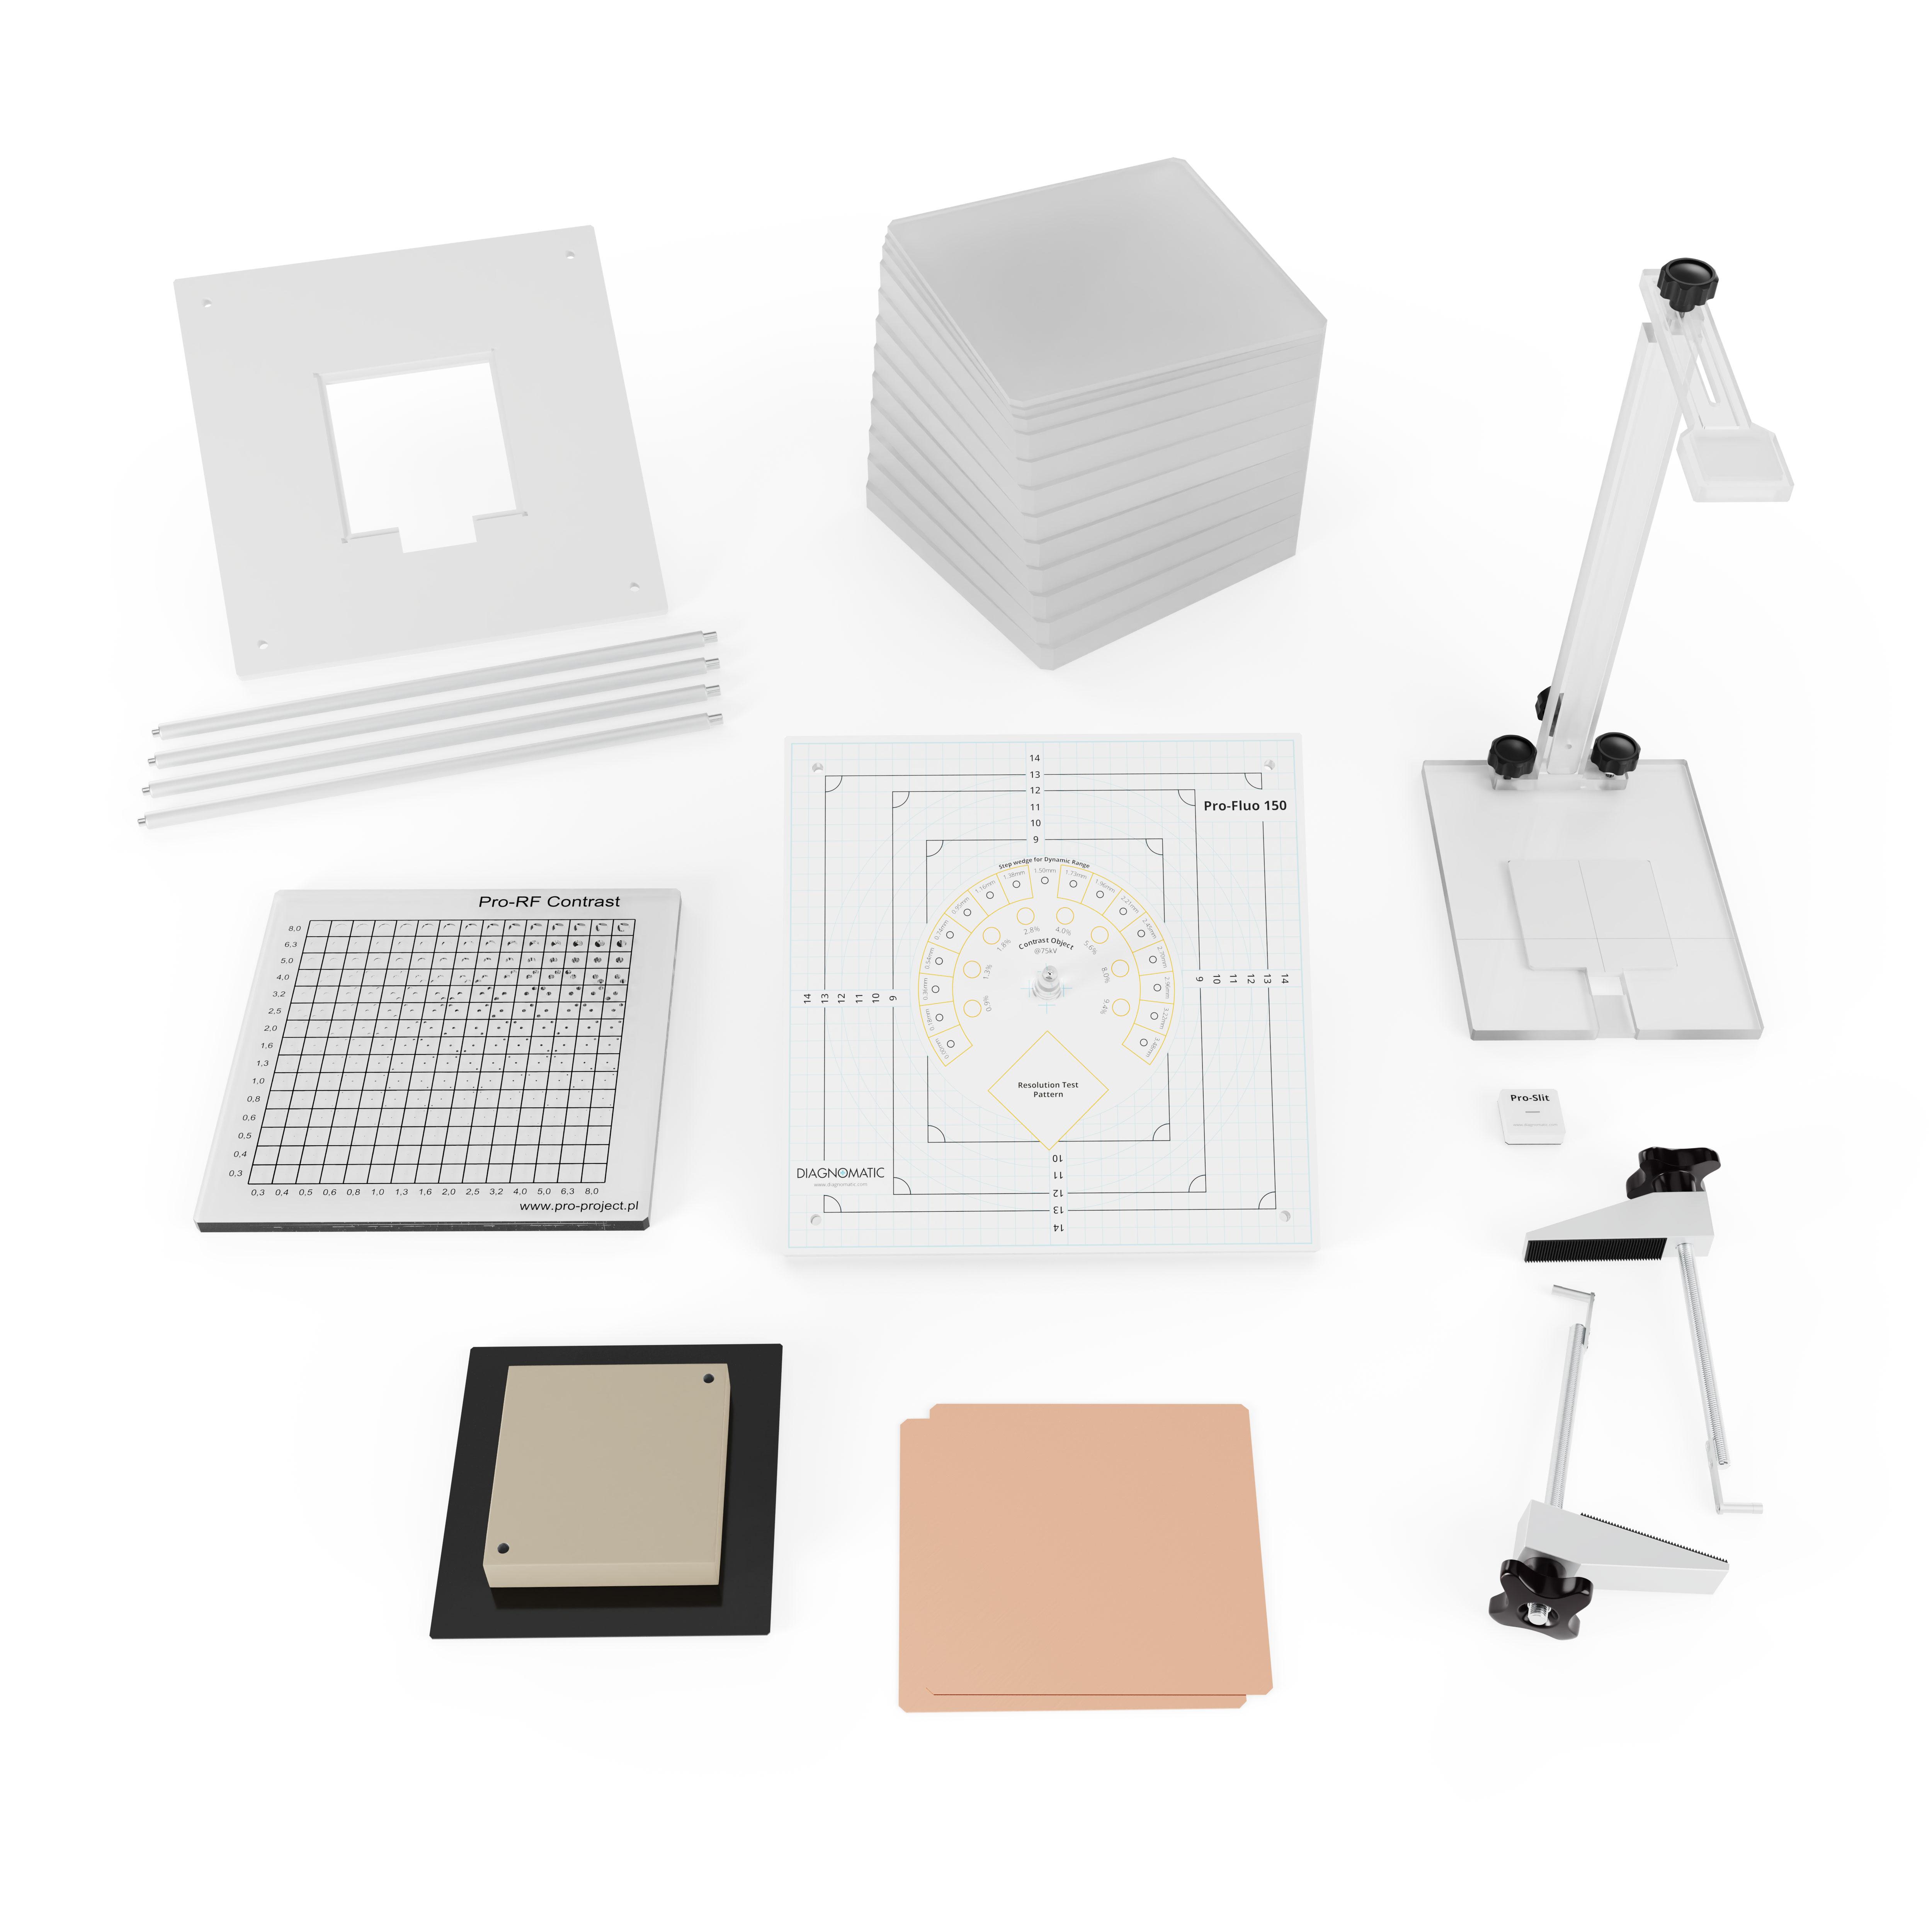 Pro-RF PRO kit